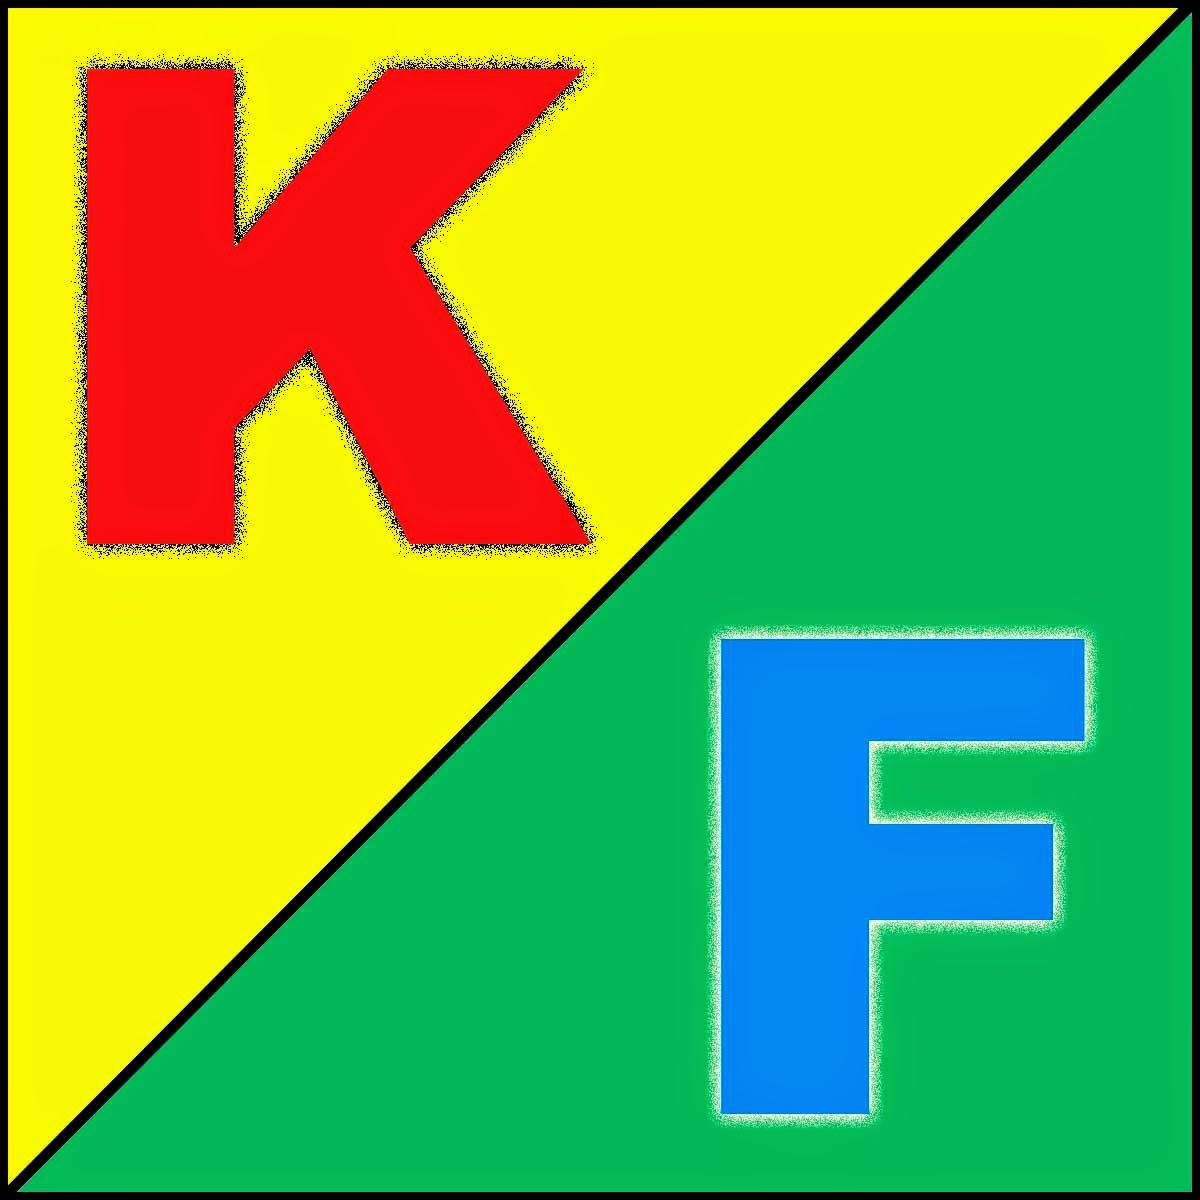 KF.jpg